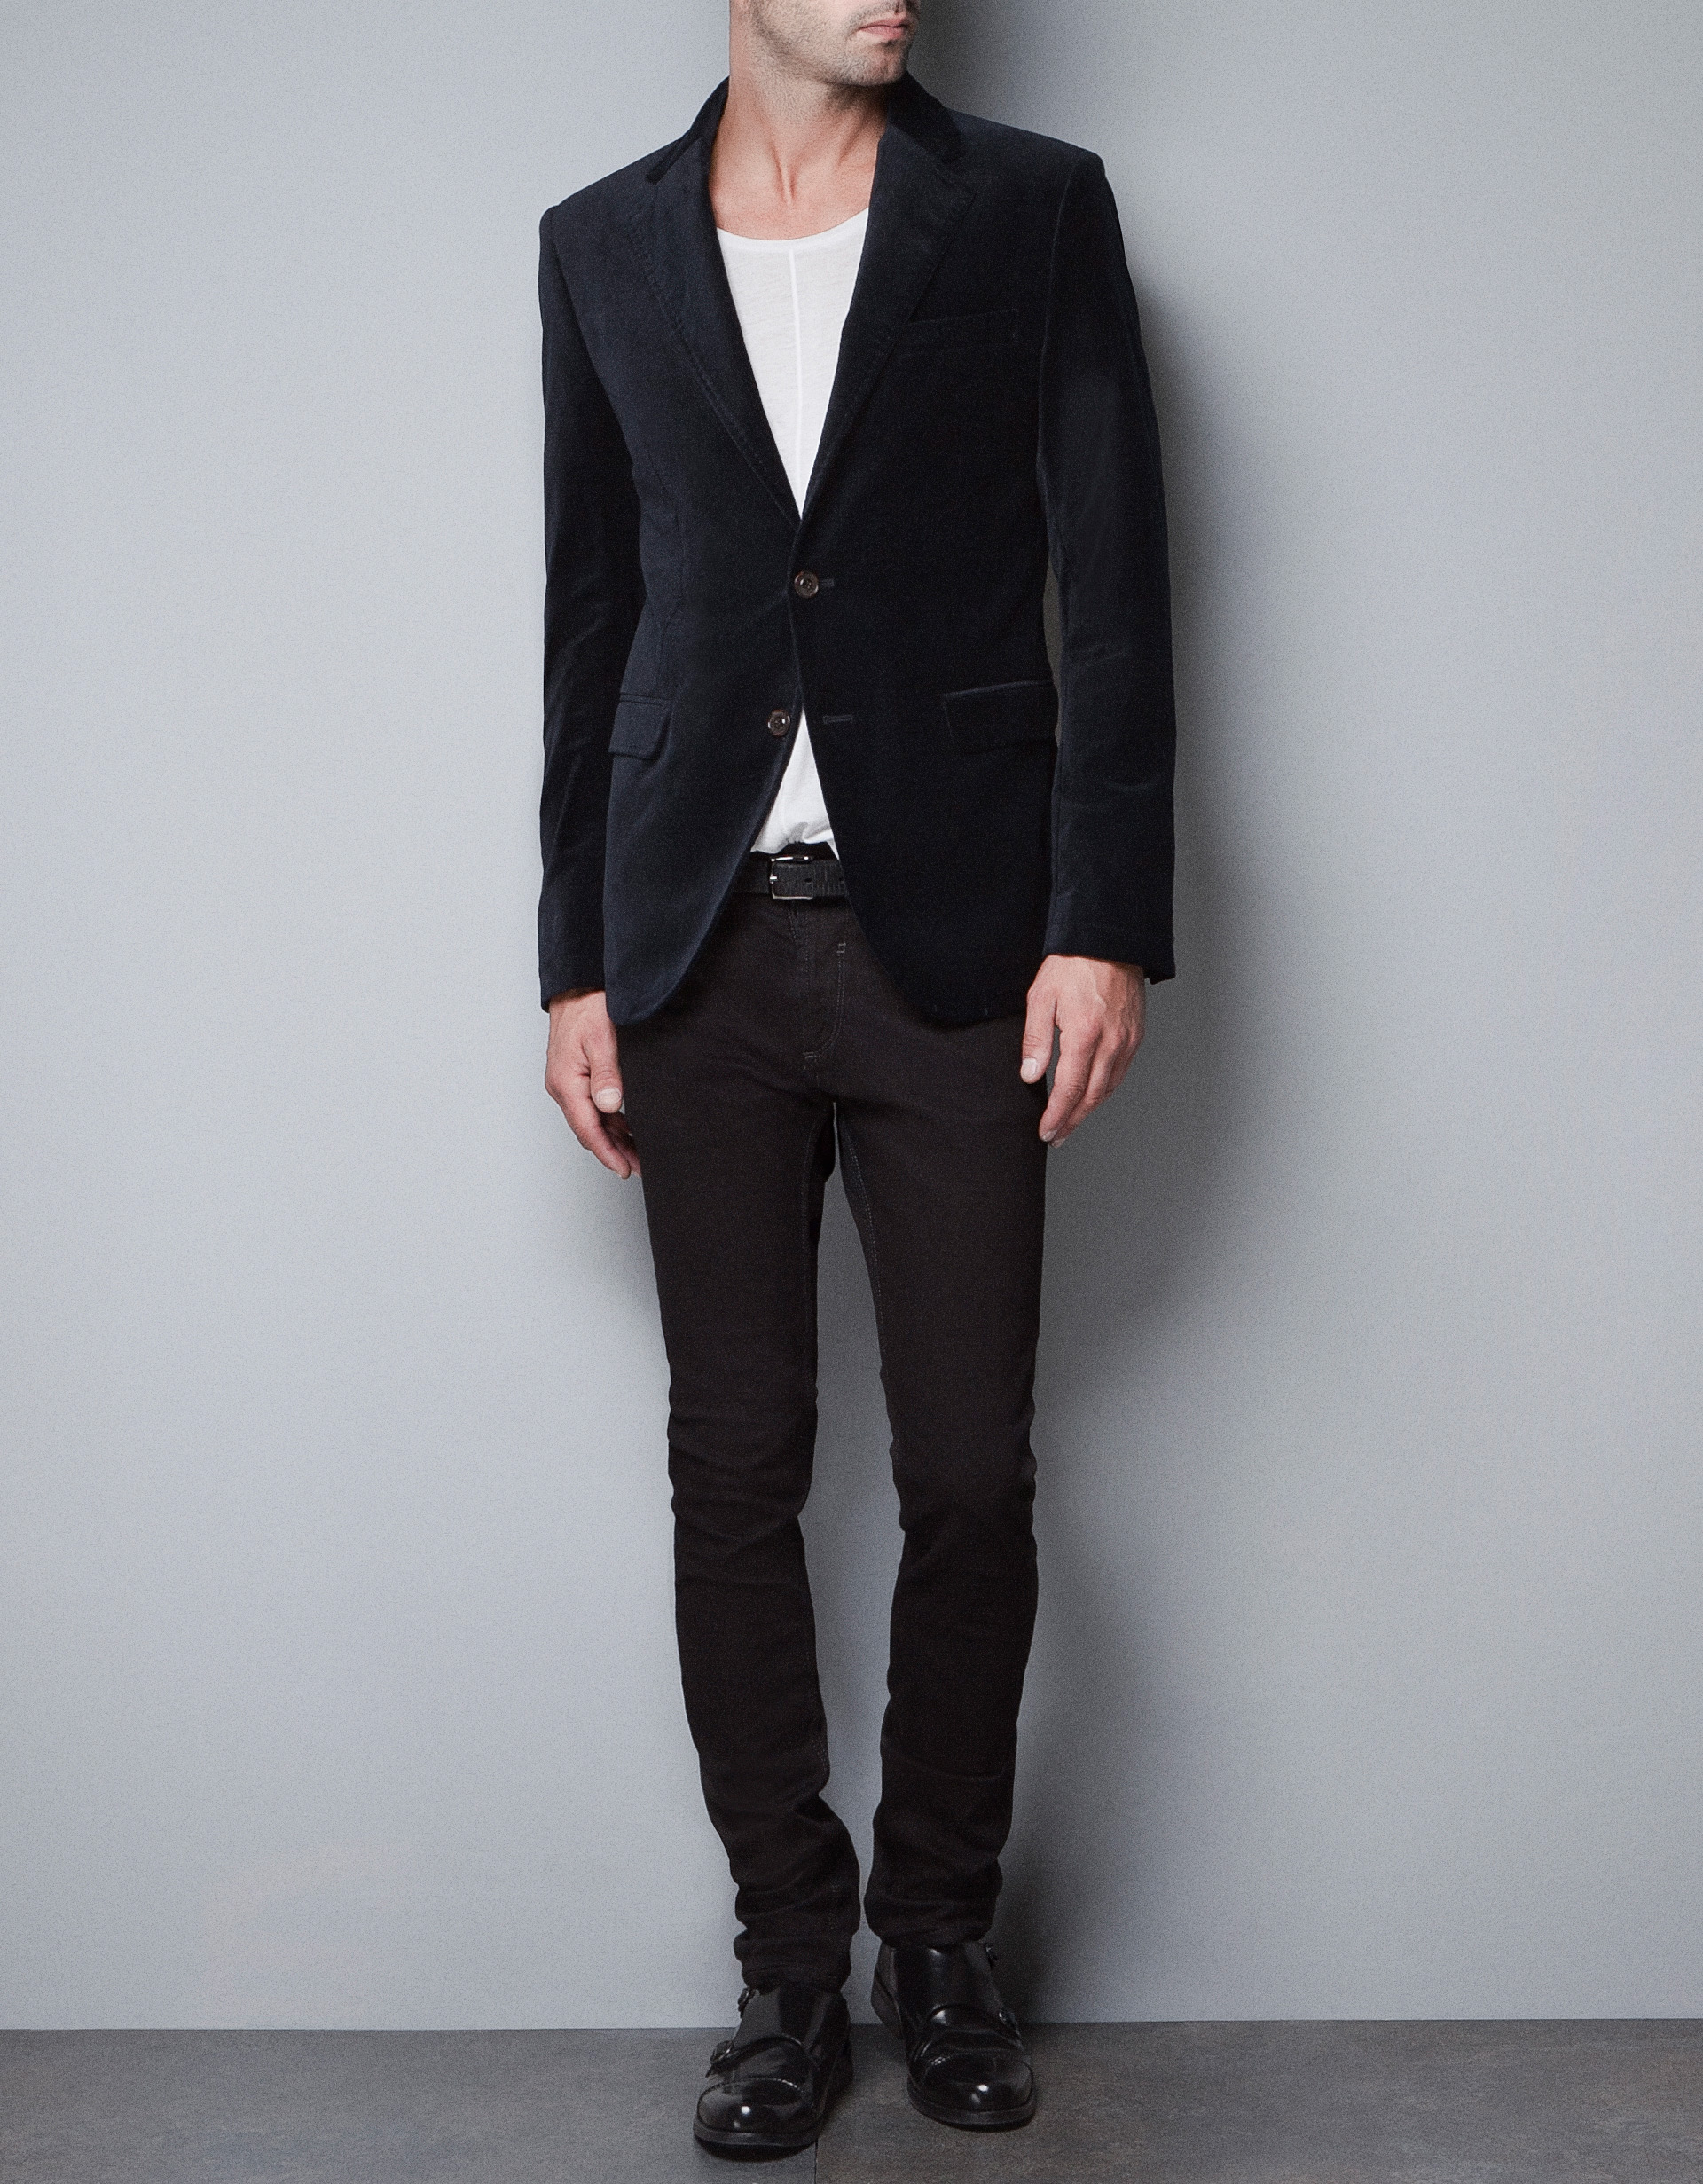 blazers from zara